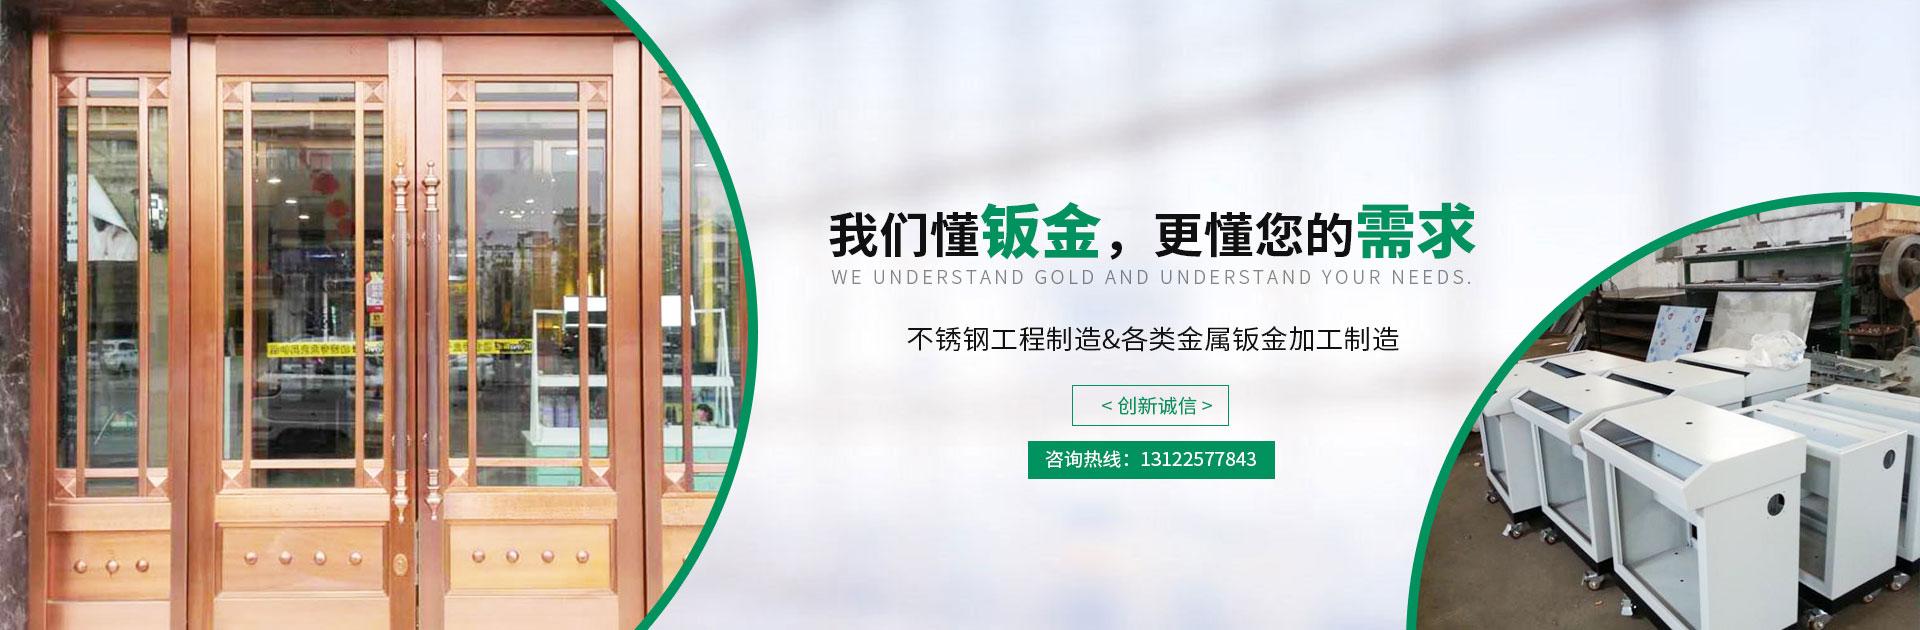 上海新葡亰钣金下载有限公司